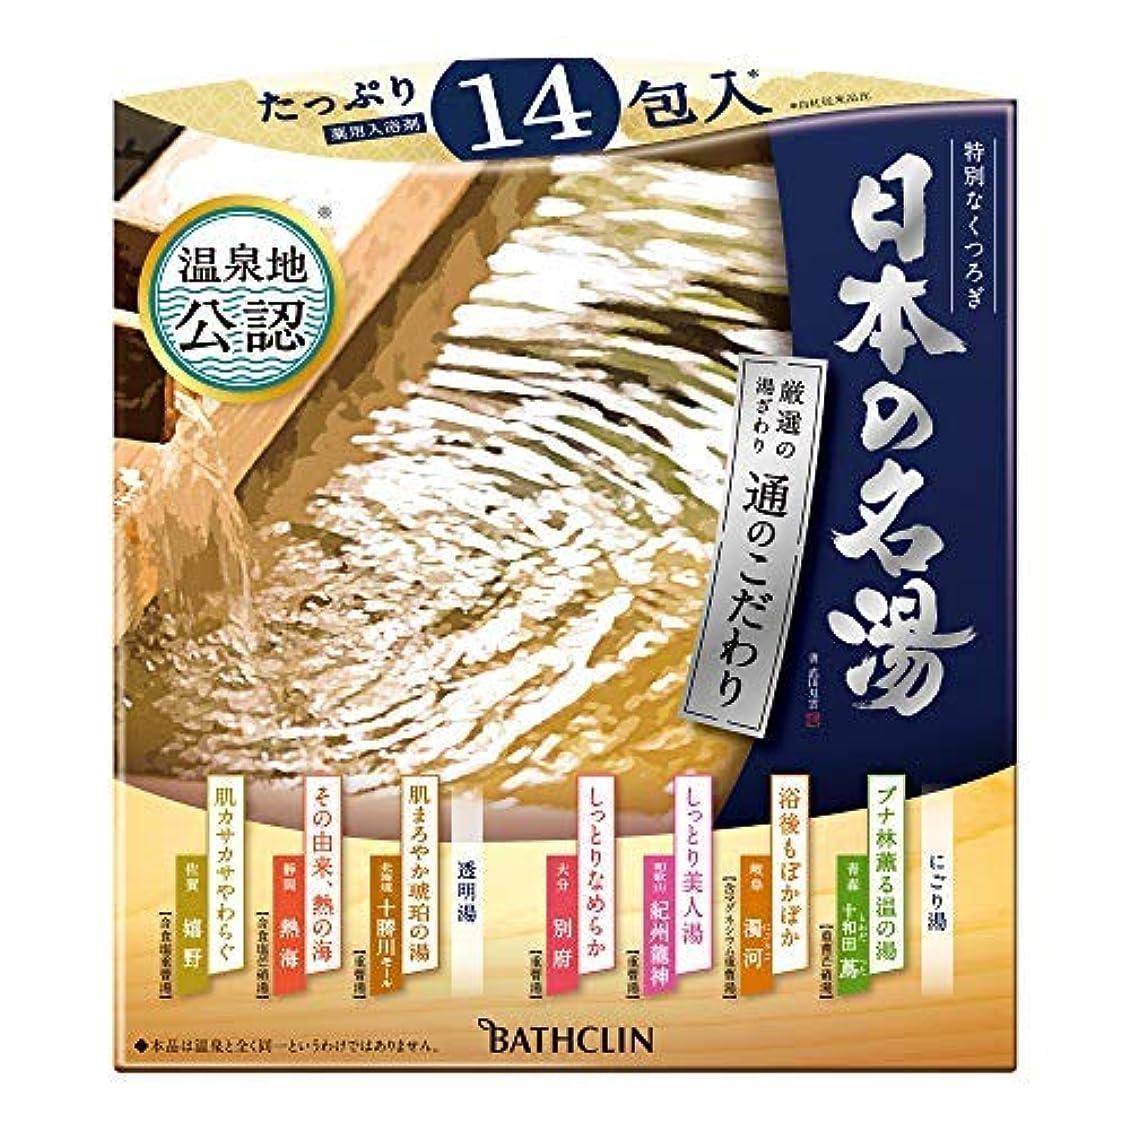 名誉靴下債務日本の名湯 通のこだわり 30g×14包 × 15個セット